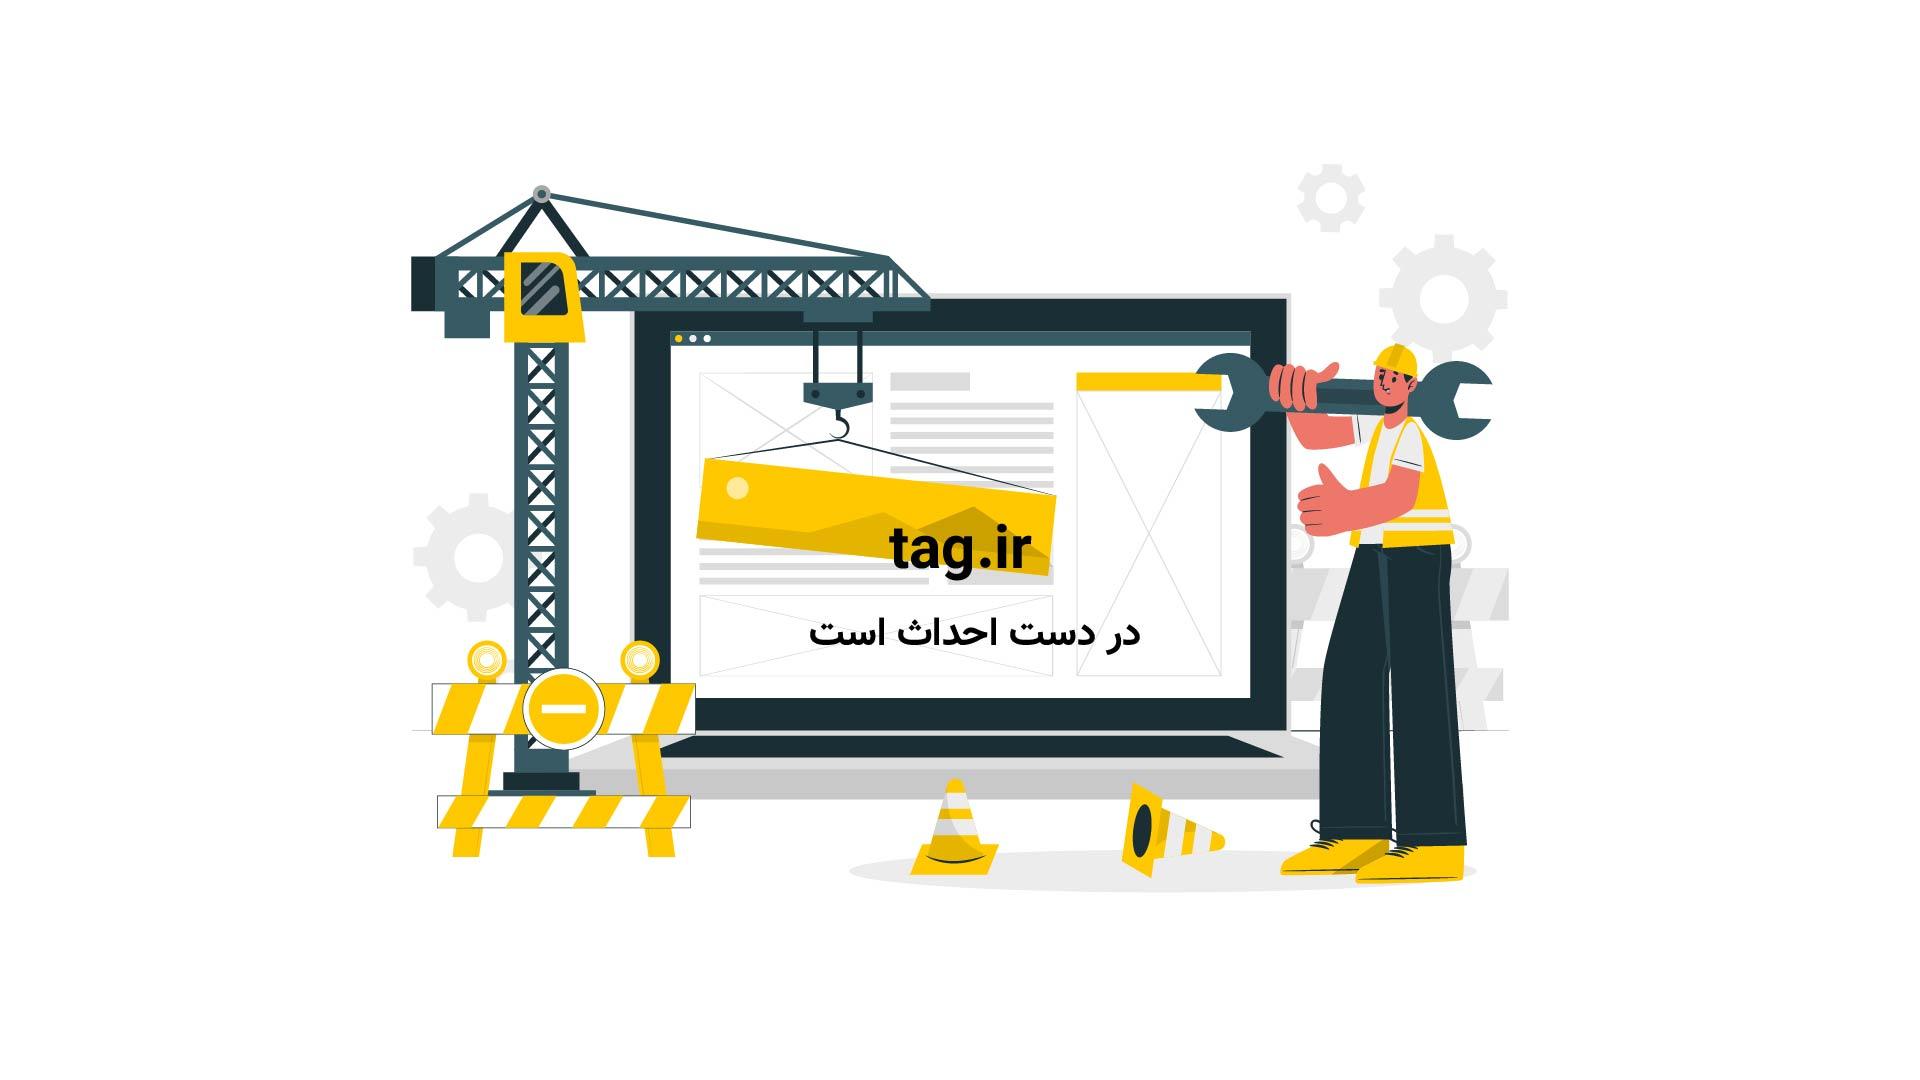 استندآپ کمدی وحید رحیمیان در اختتامیه فصل ششم خندوانه | فیلم